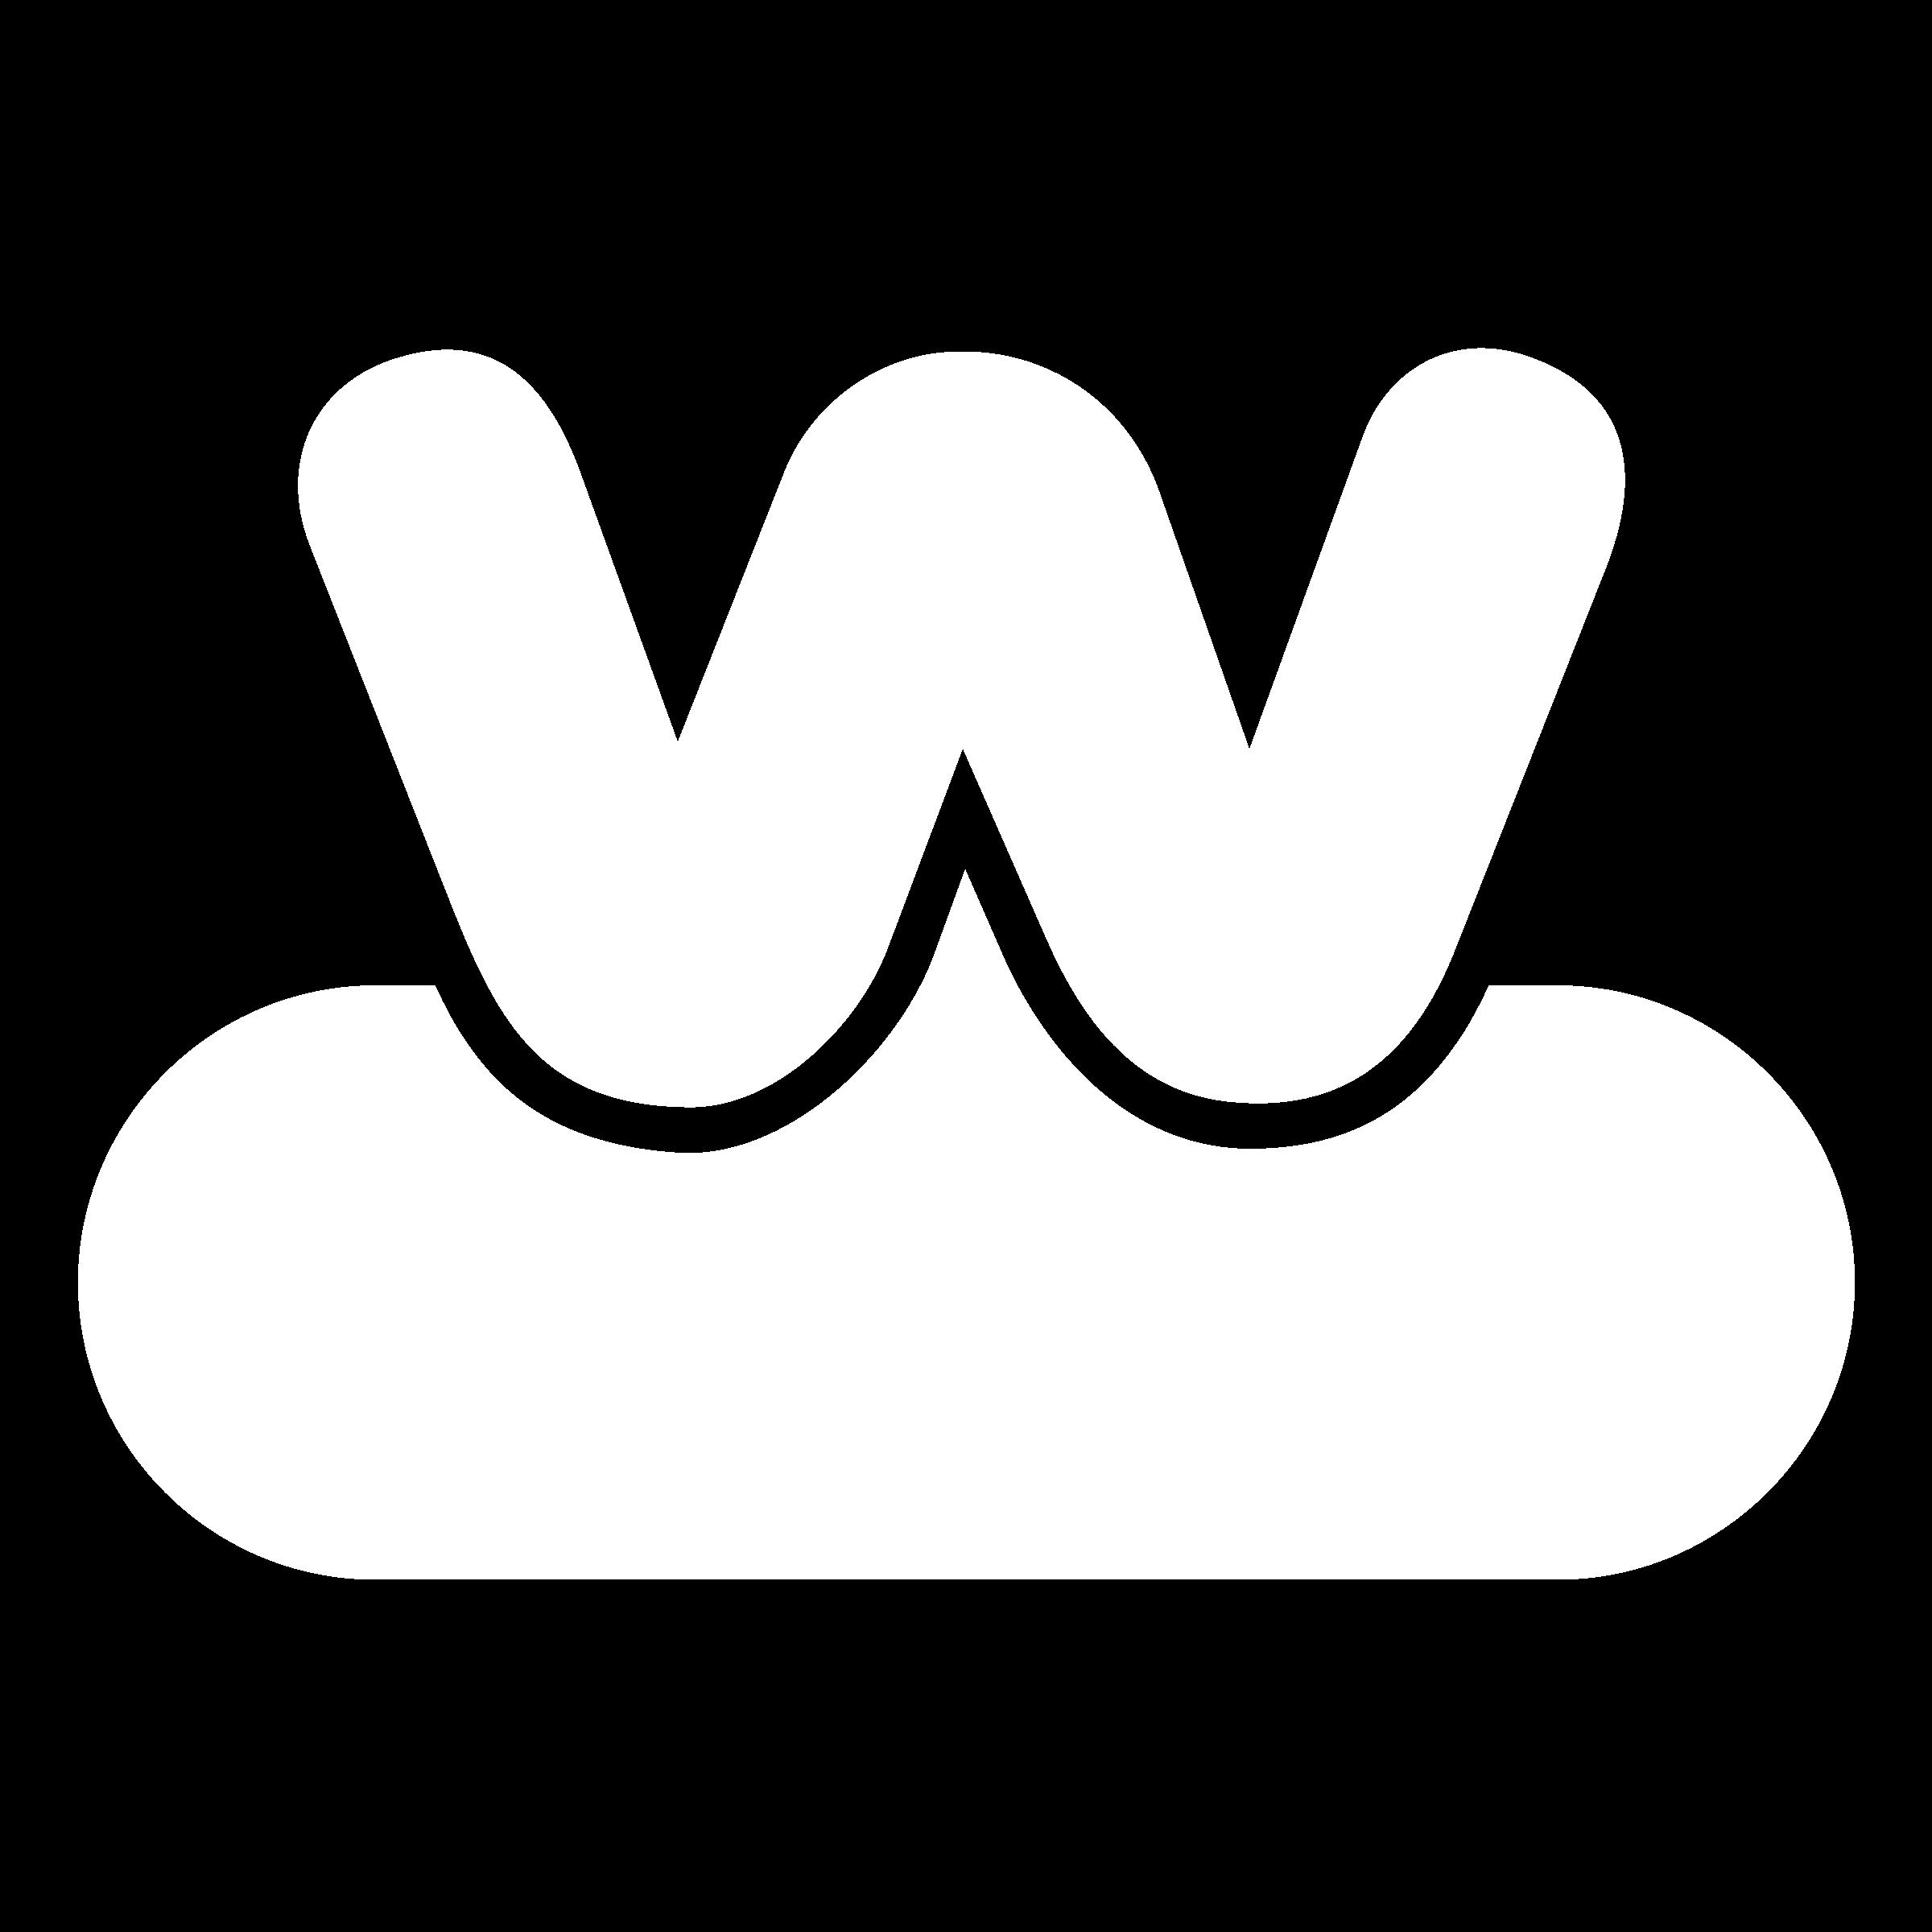 Wienerschnitzel Logo PNG Transparent & SVG Vector.